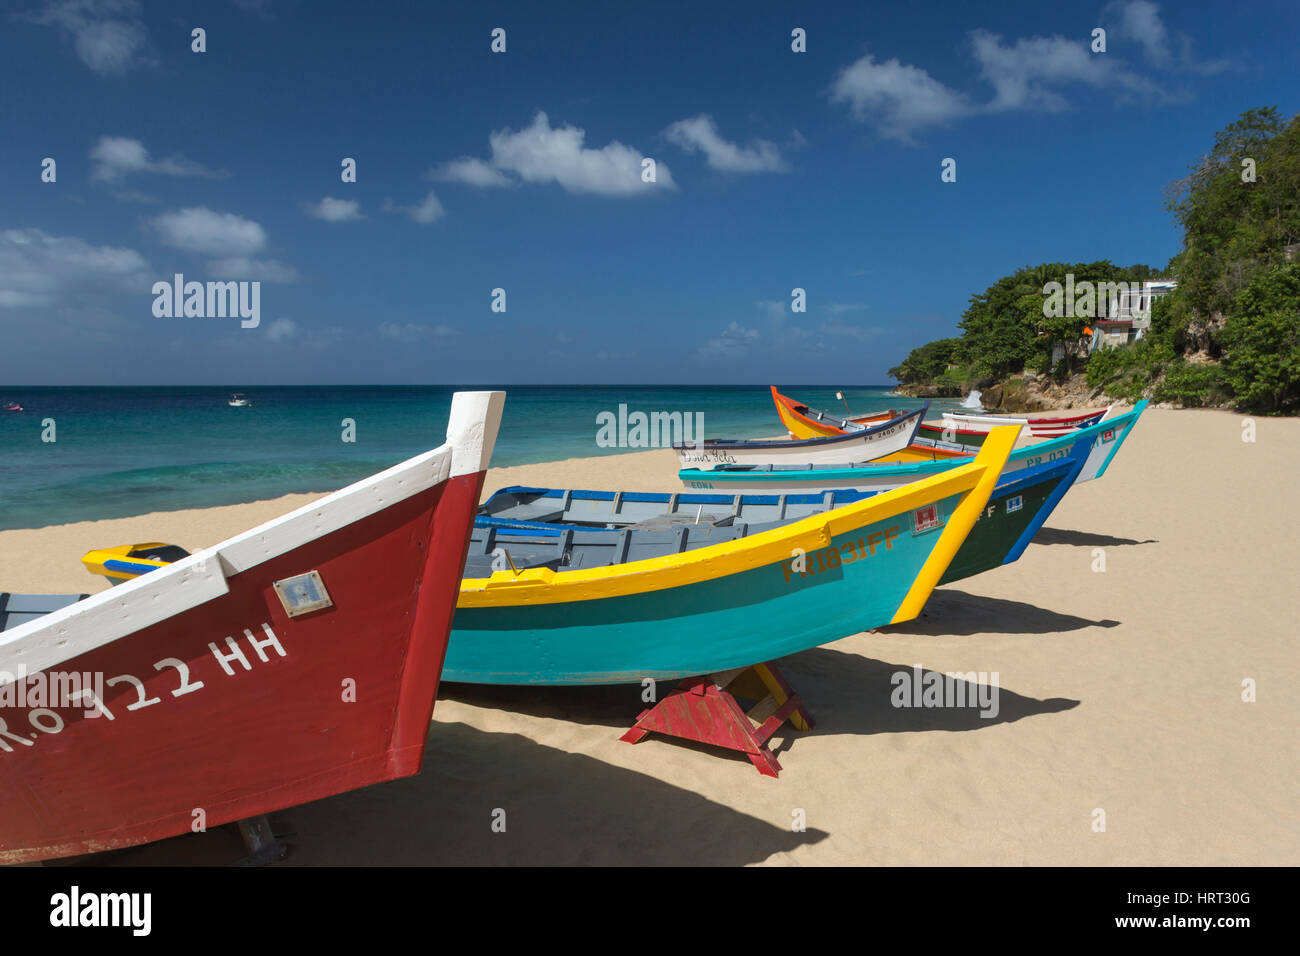 Fila di dipinto luminosamente YOLA barche da pesca barca CRASH BEACH AGUADILLA PUERTO RICO Immagini Stock